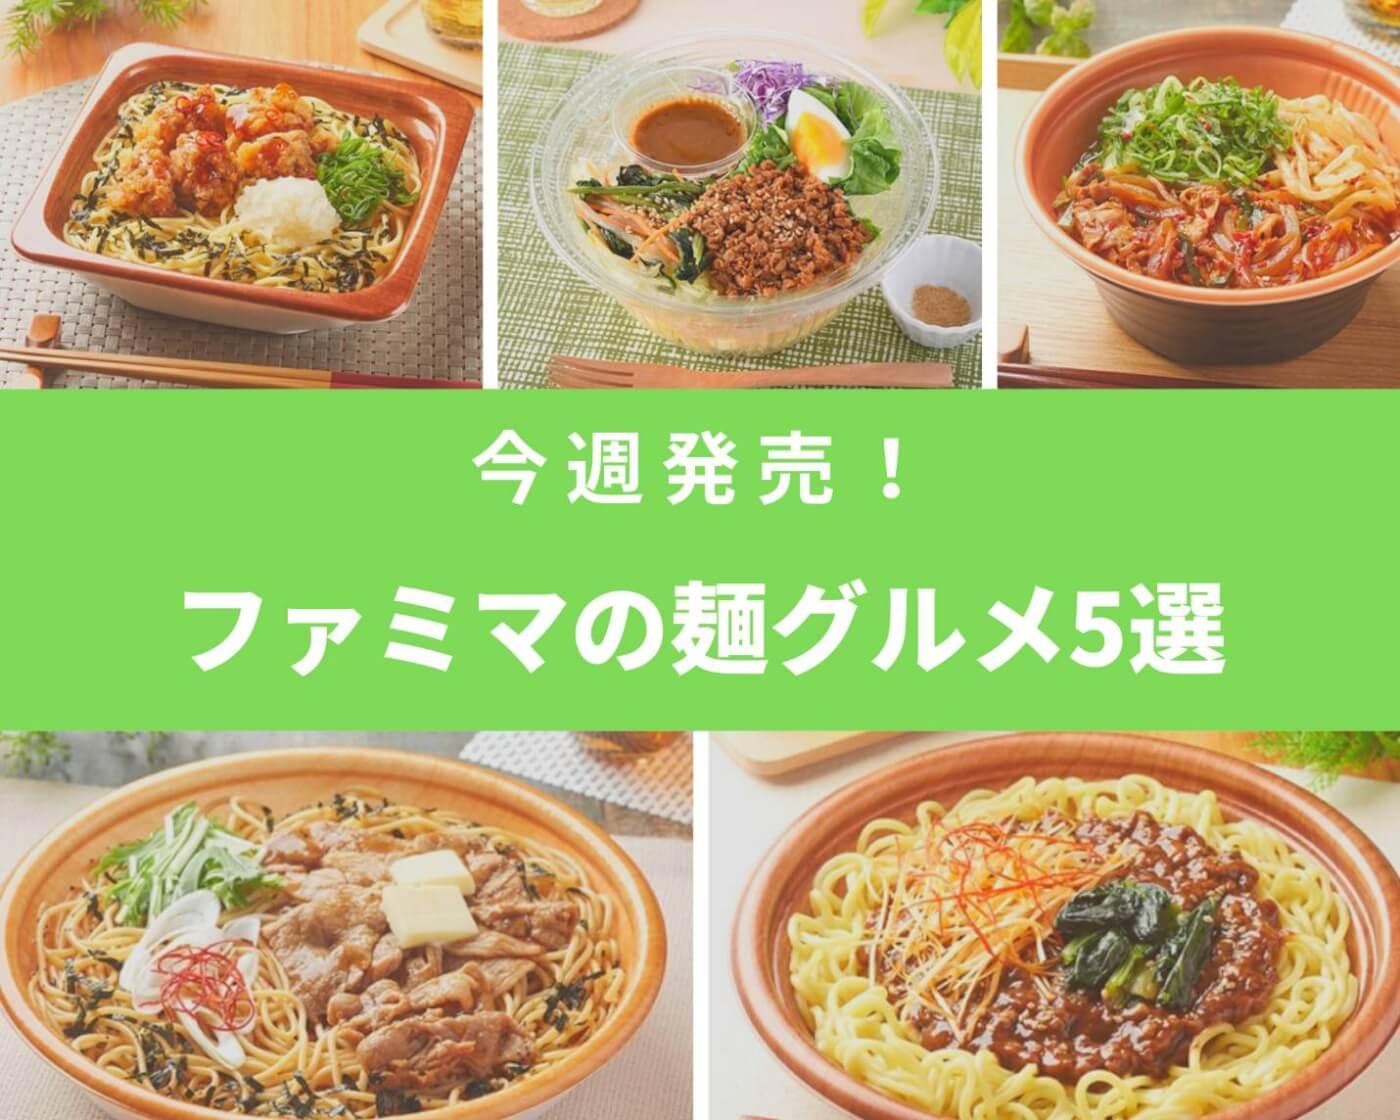 ファミリーマート_コンビニ_麺グルメ_編集部